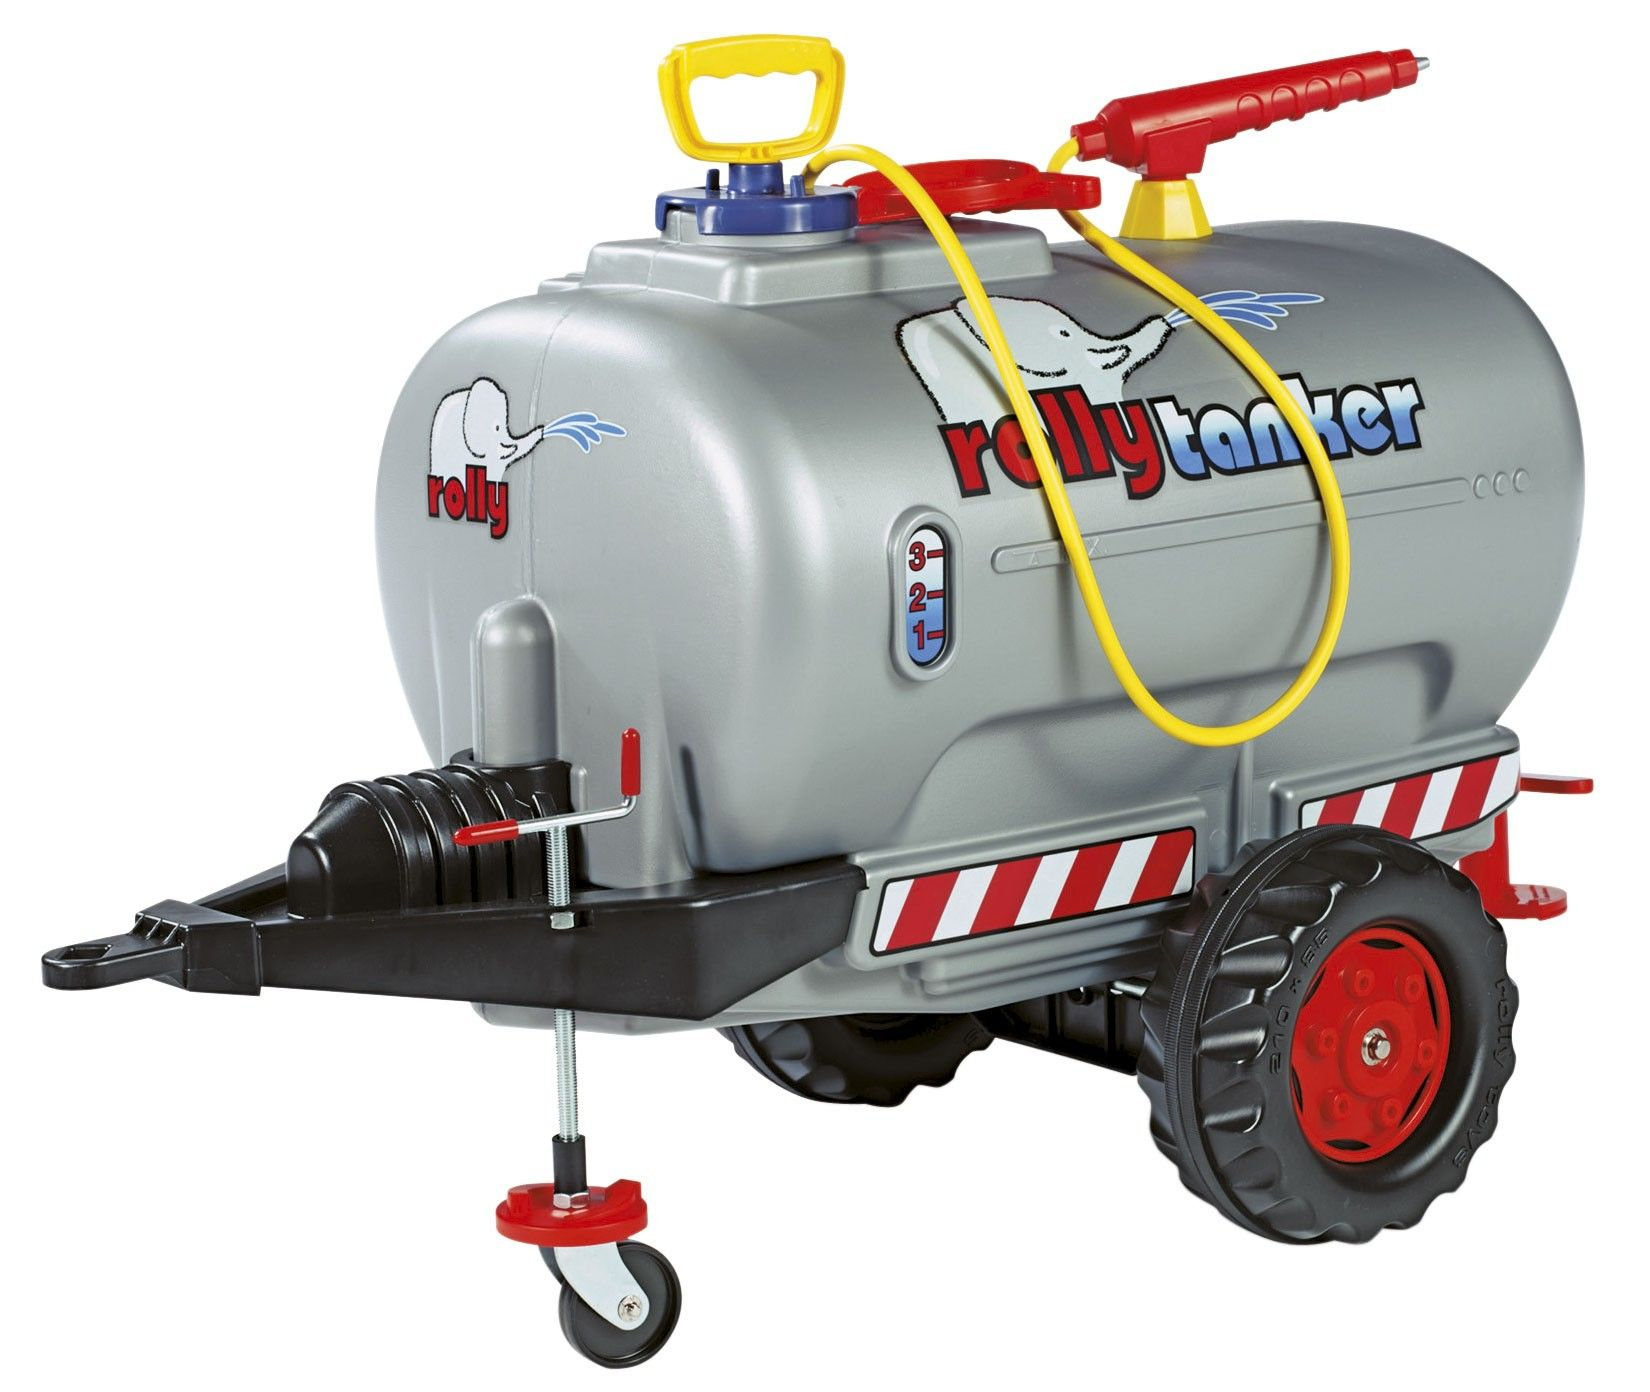 rollyTanker,pump, spray nozzle, Single axle Tractors